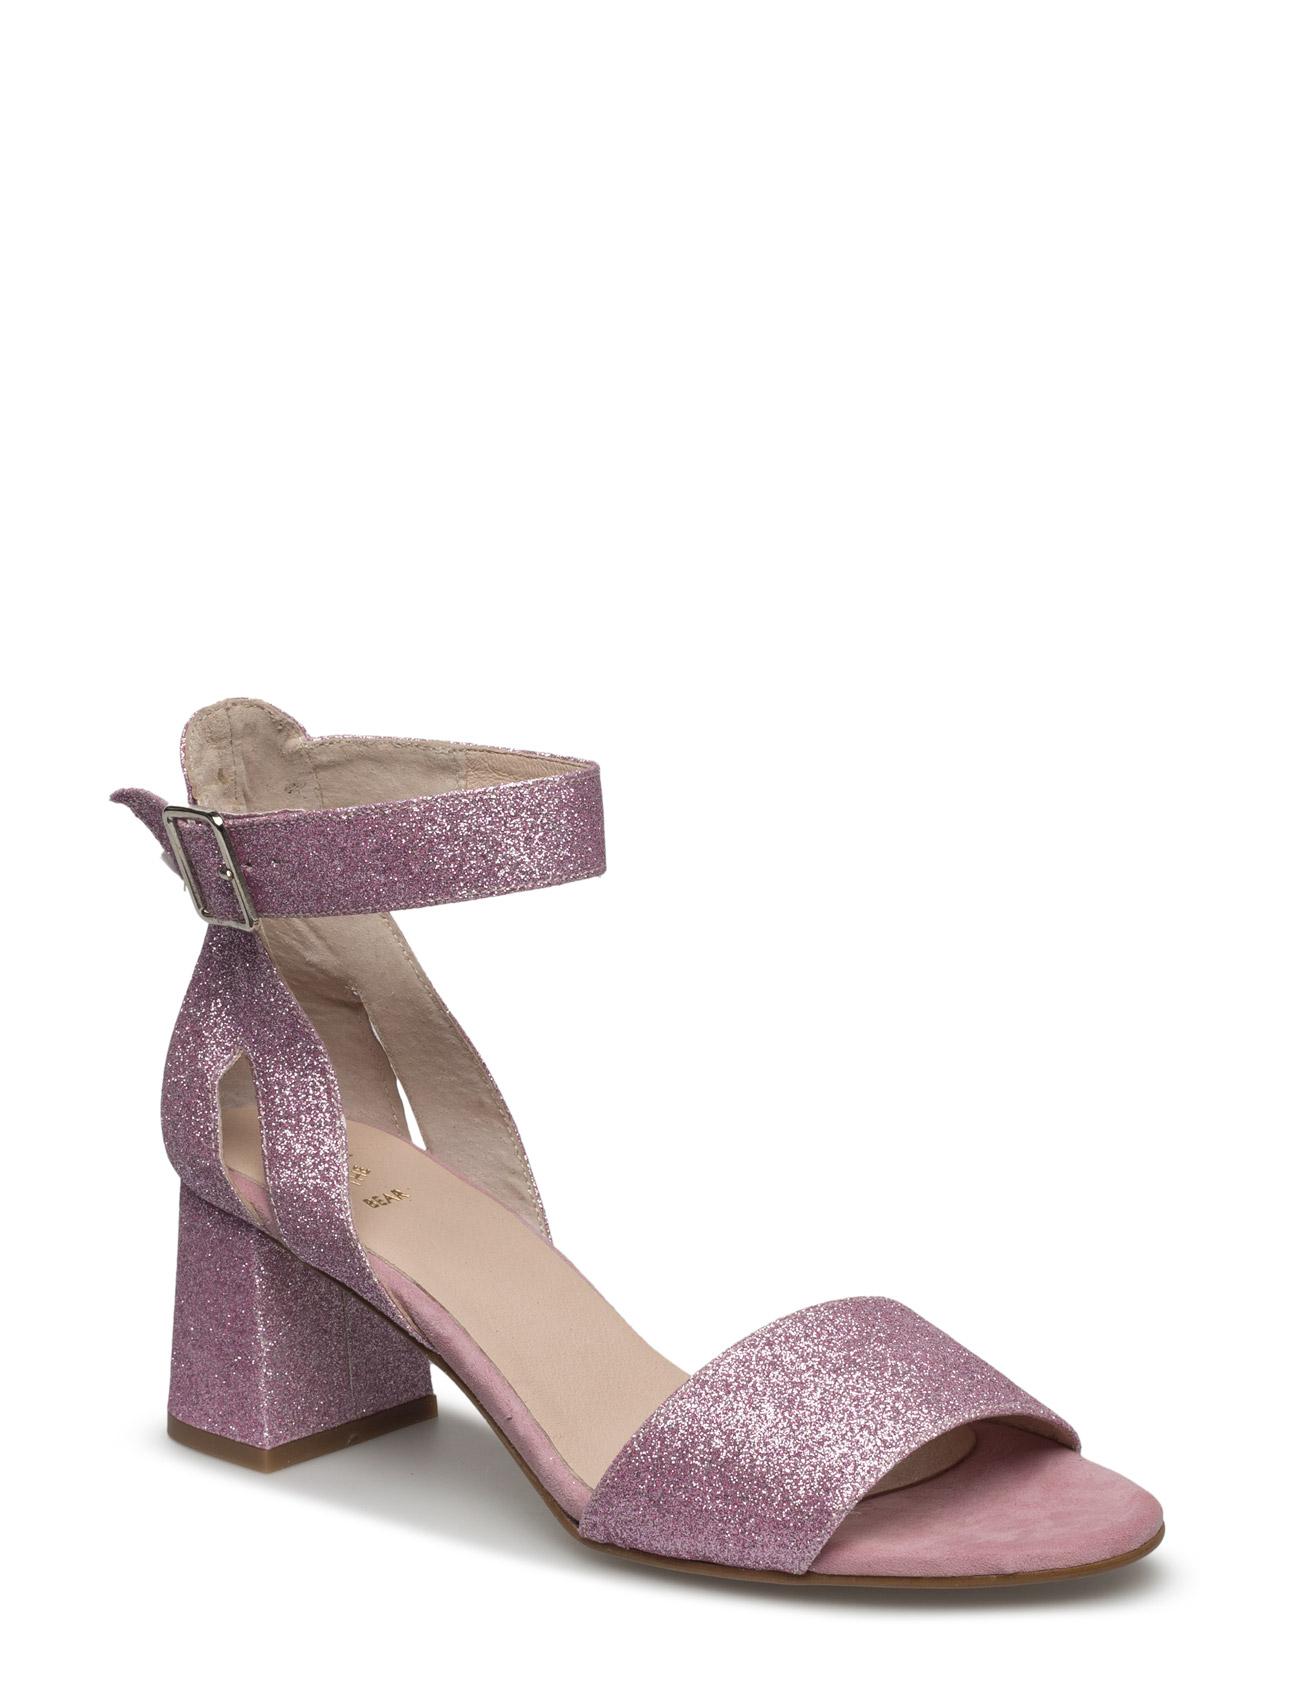 Stb1053 Shoe The Bear Sandaler